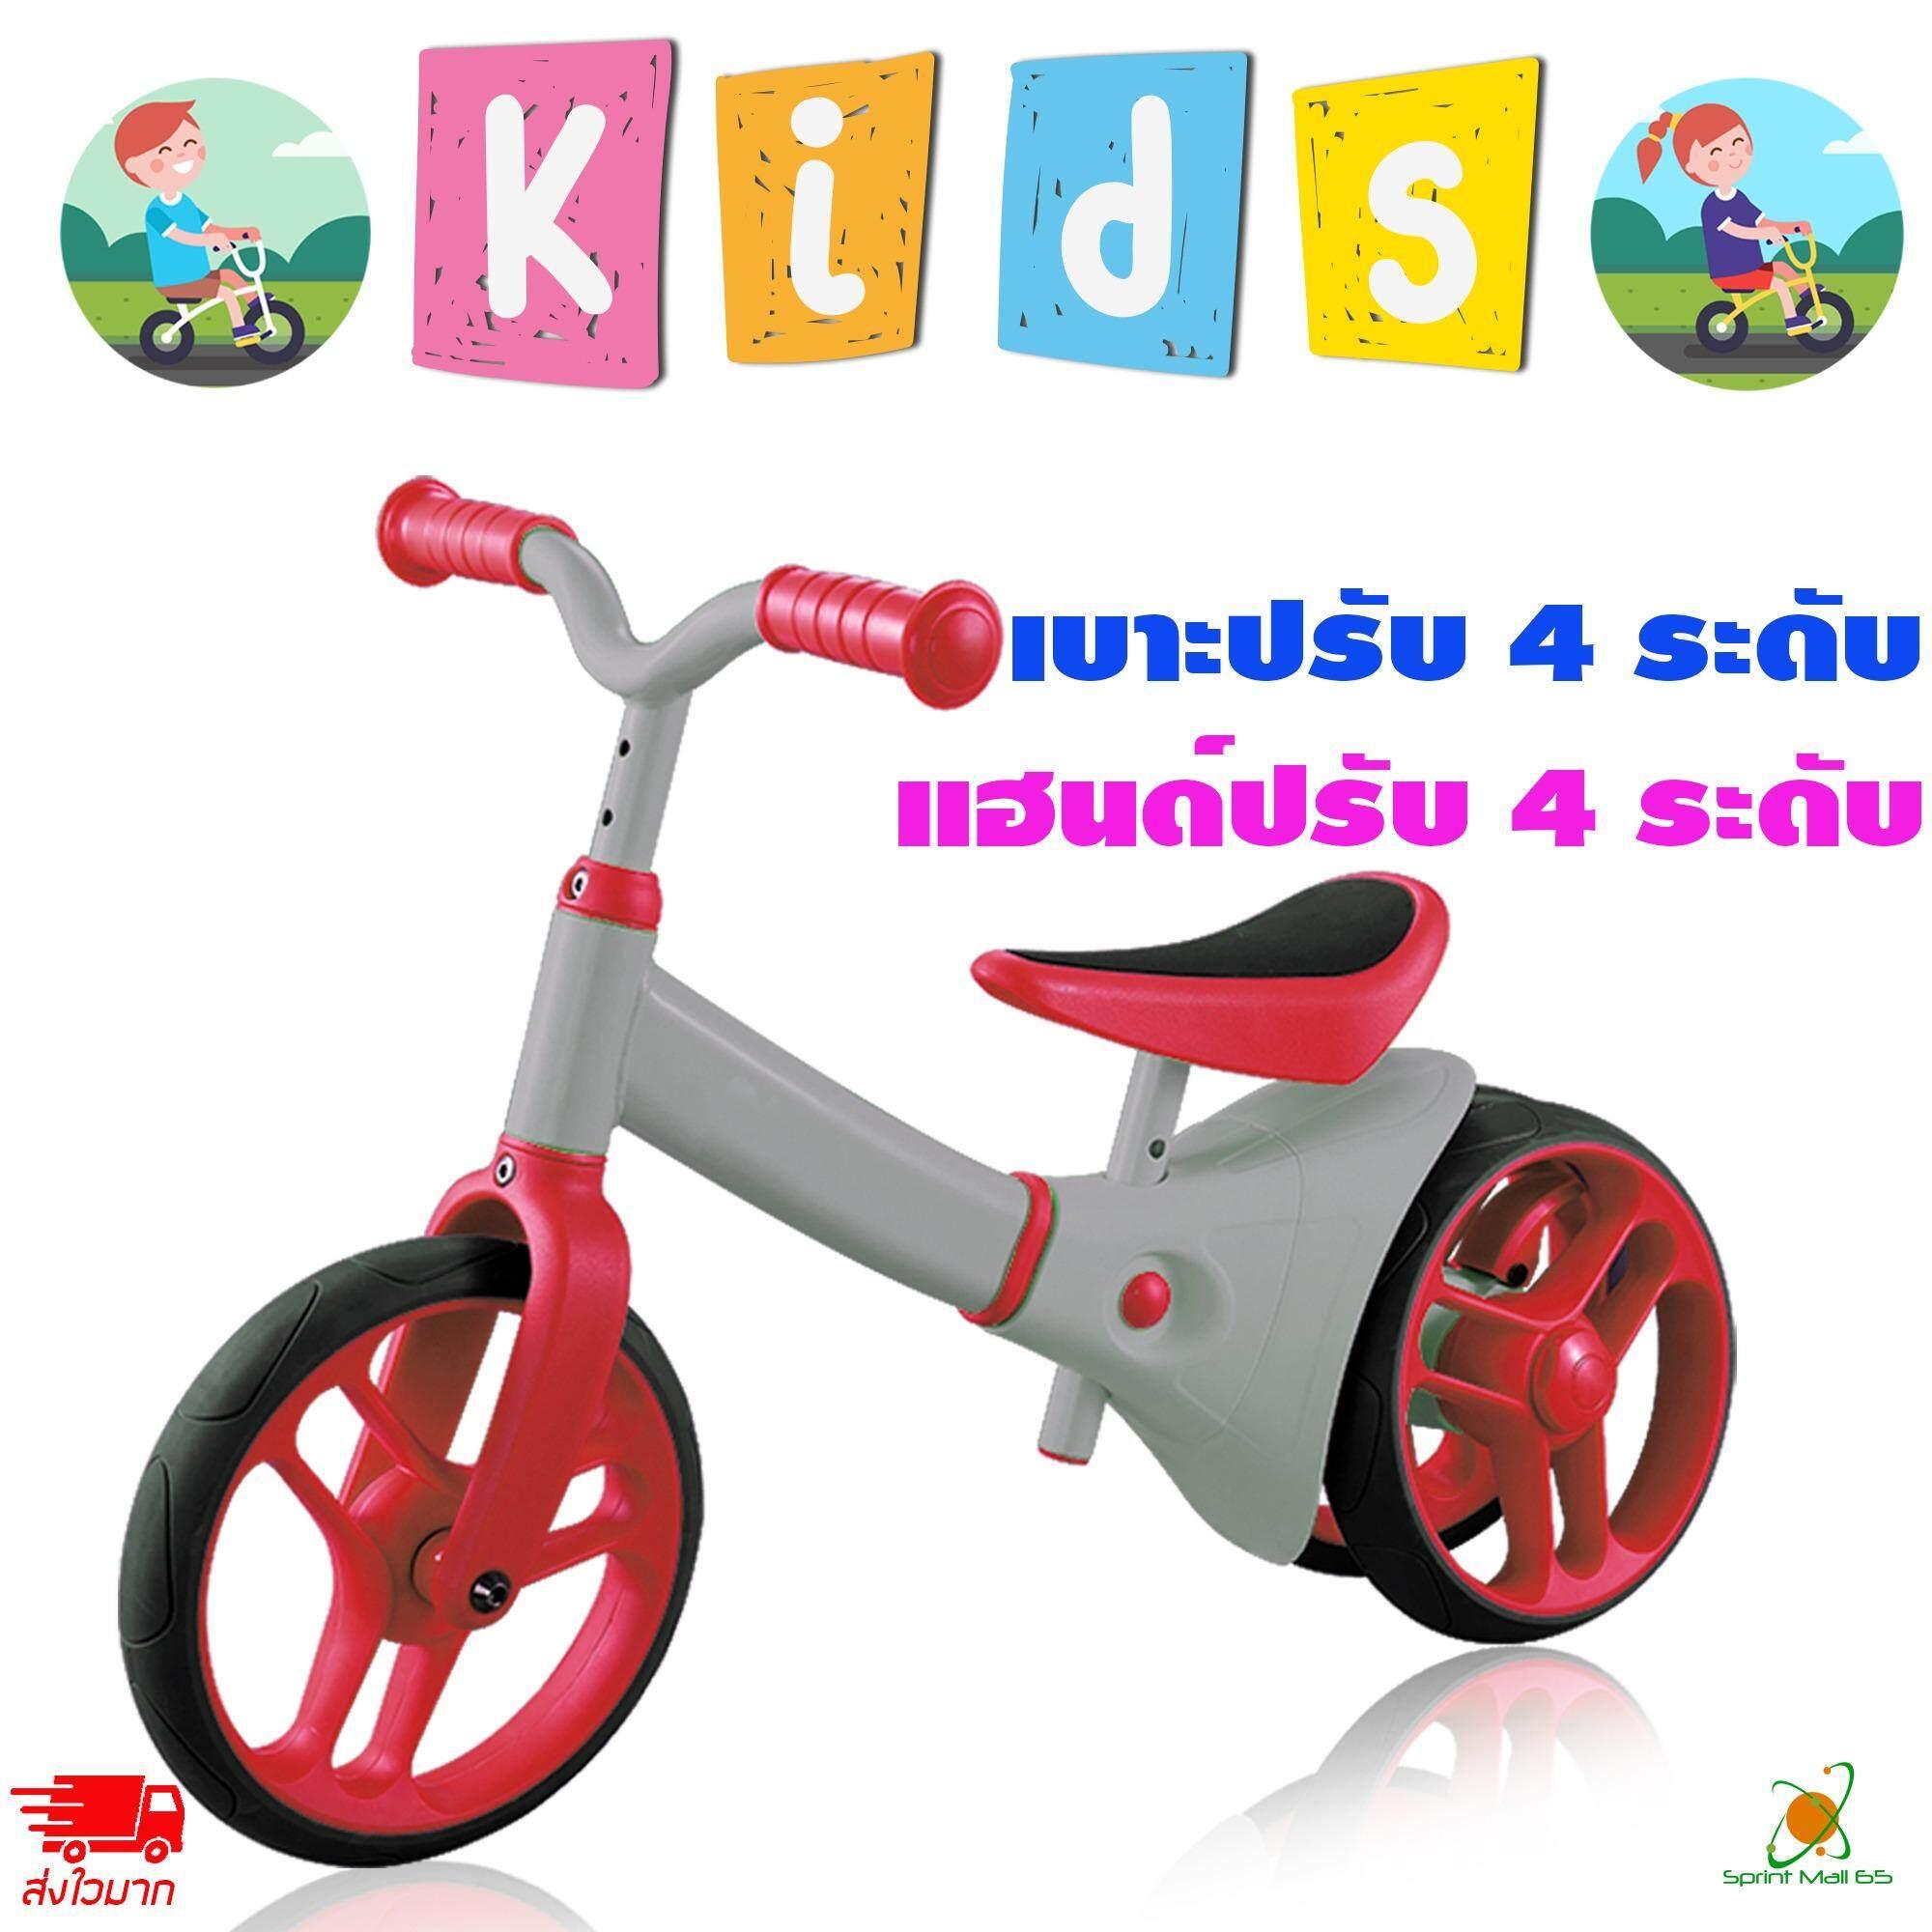 ซื้อ รถจักรยาน จักรยานเด็ก จักรยานทรงตัว Konig Kids Balancebike รถจักรยานขาไถ จักรยานขาไถ จักรยานสามล้อ จักรยานสำหรับเด็ก จักรยานฝึกการทรงตัวสำหรับลูก รถขาไถ ขาไถ ออนไลน์ กรุงเทพมหานคร